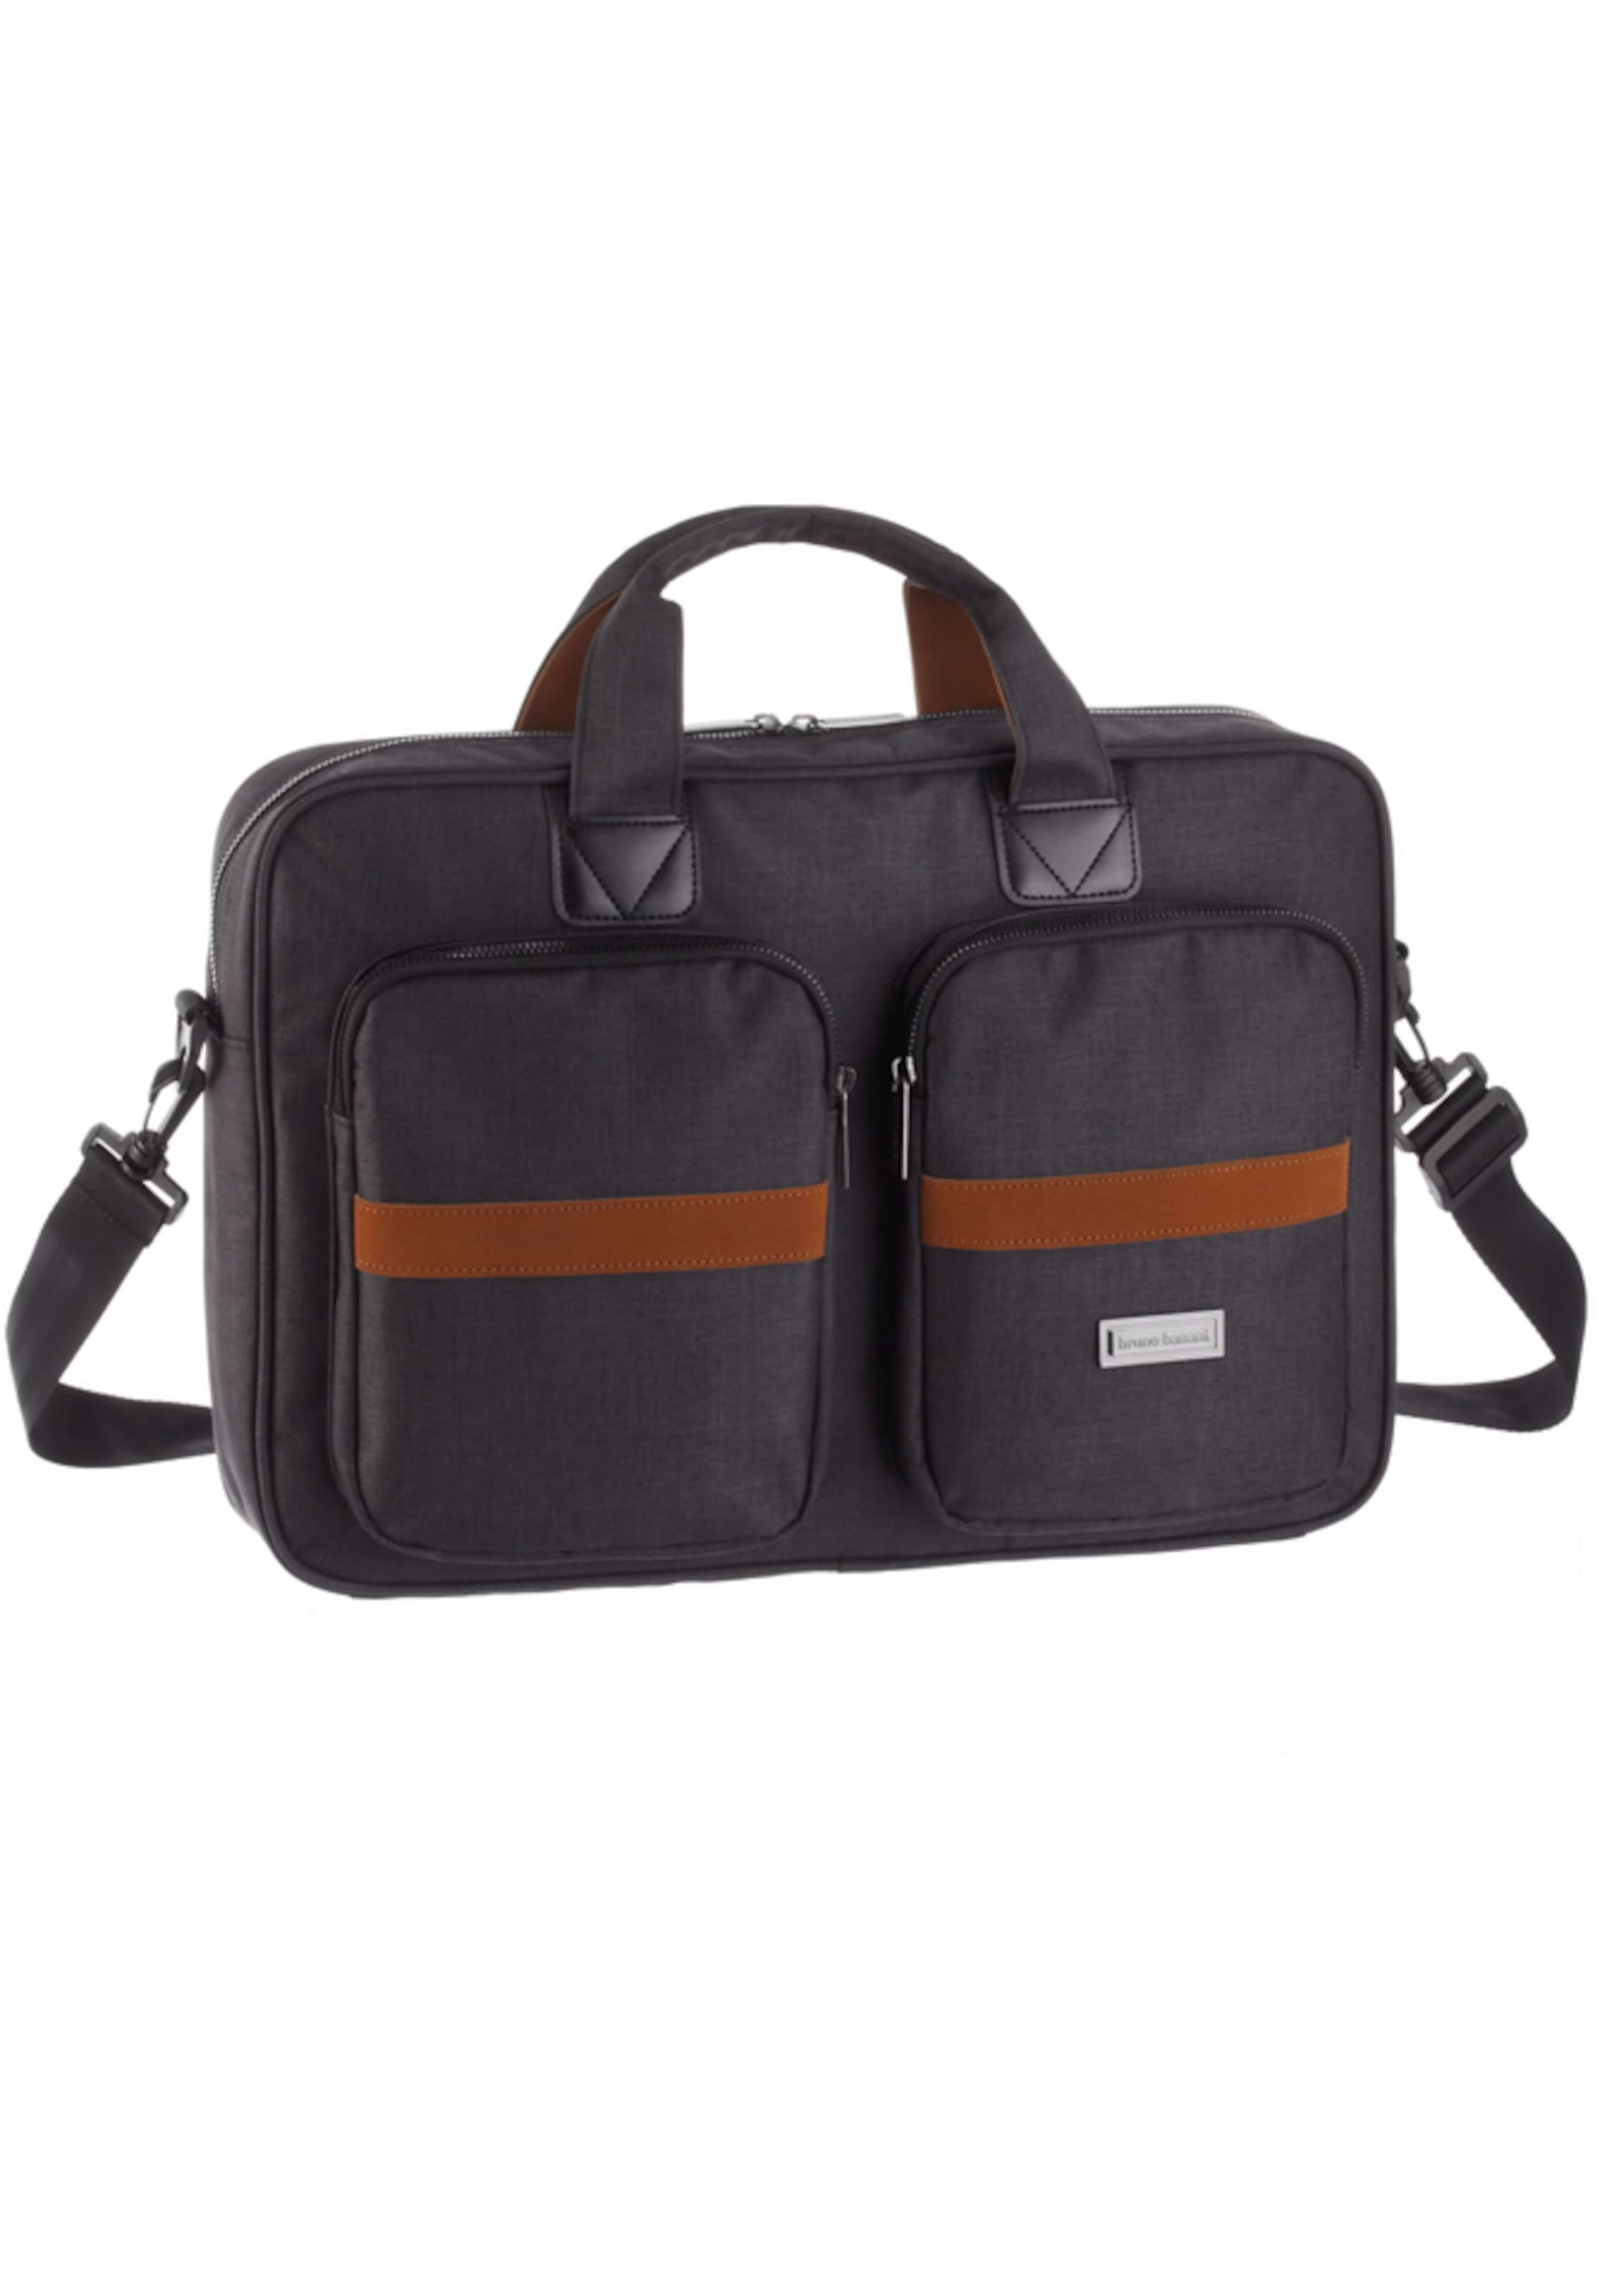 BRUNO BANANI Bruno Banani Messenger Bag mit gepolstertem Laptopfach und abnehmbarem Umhängeriemen Spielraum Store Günstiger Preis VTsMa